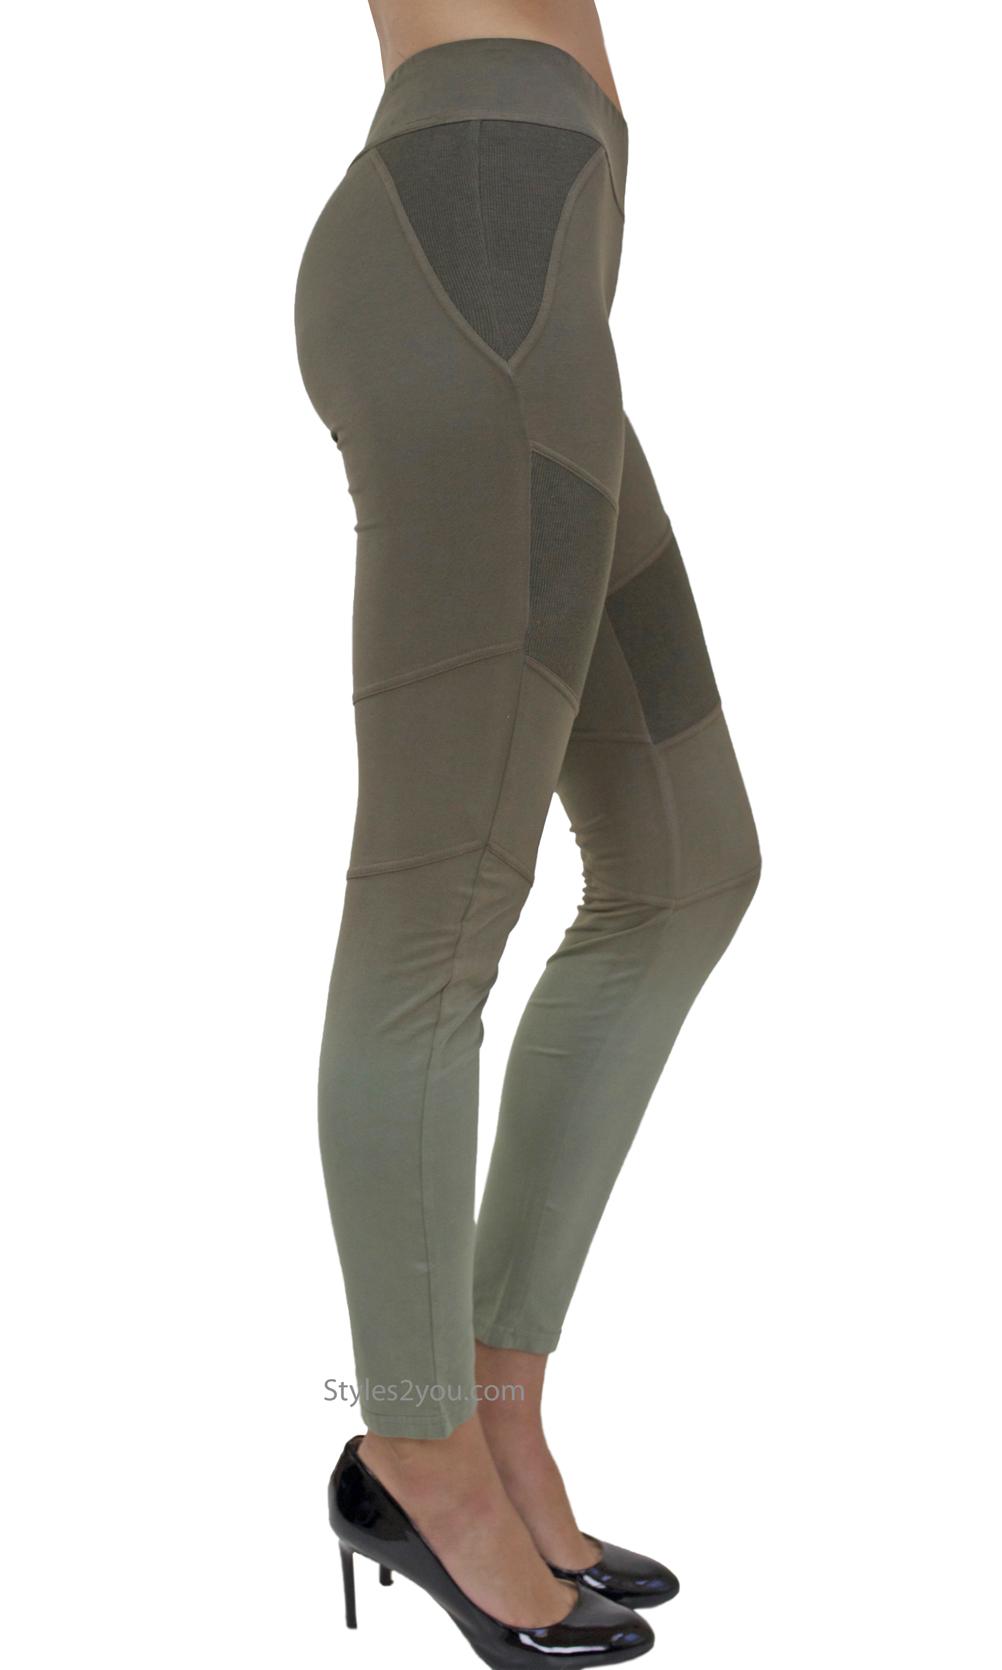 Tight yoga pants tube-5401